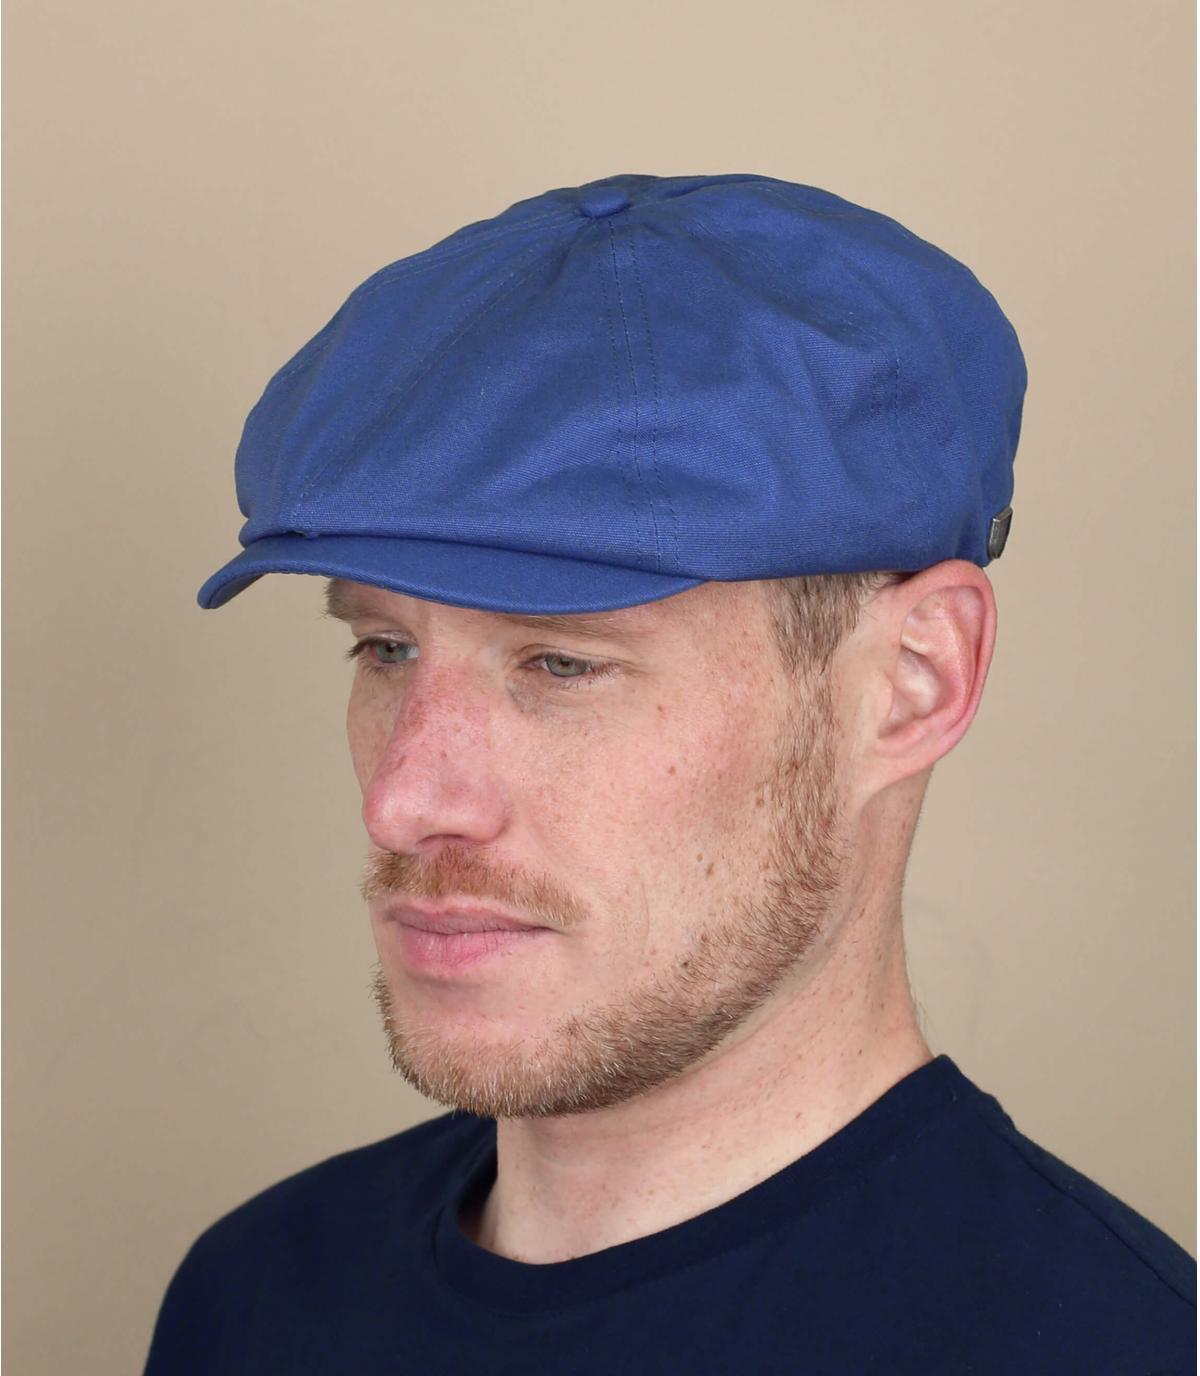 blauw Brixton krantenverkopers baret